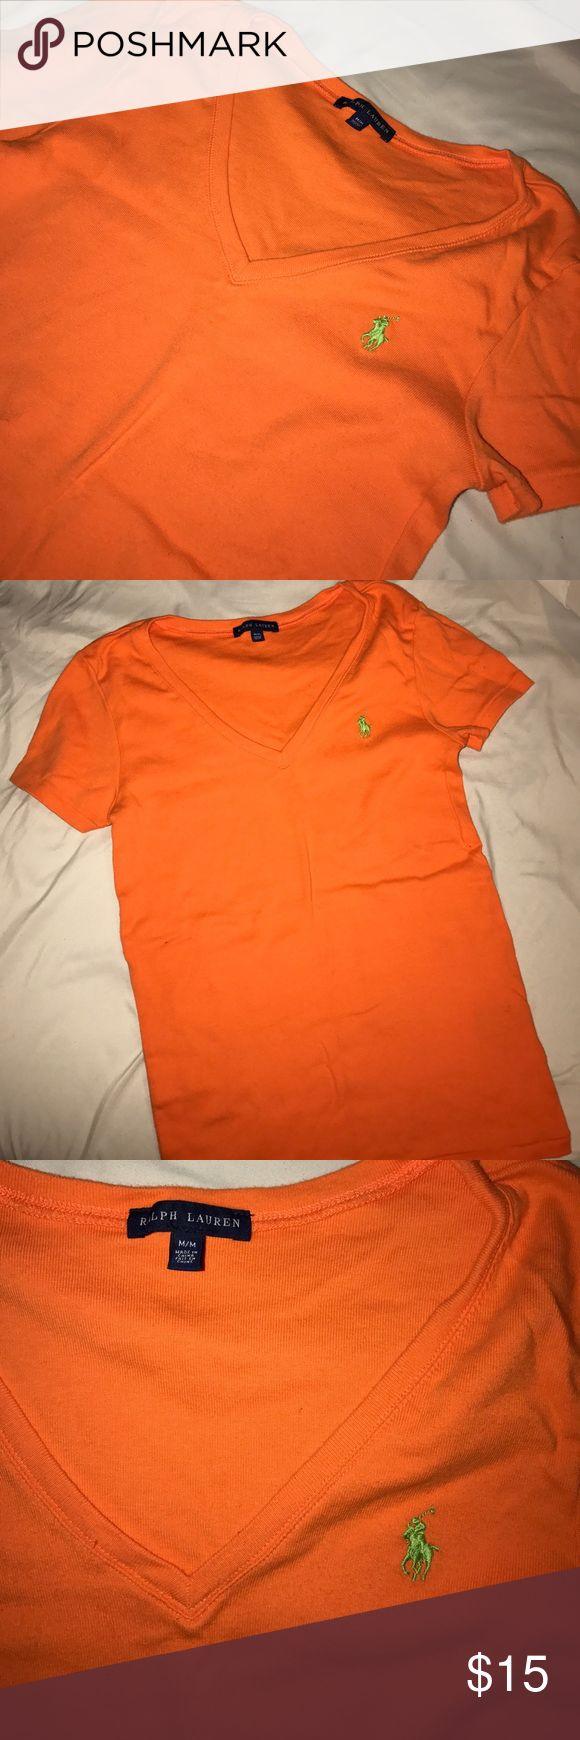 Ralph Lauren Women's V-Neck Top Orange vneck with lime green logo. Very gently worn. Ralph Lauren Tops Tees - Short Sleeve